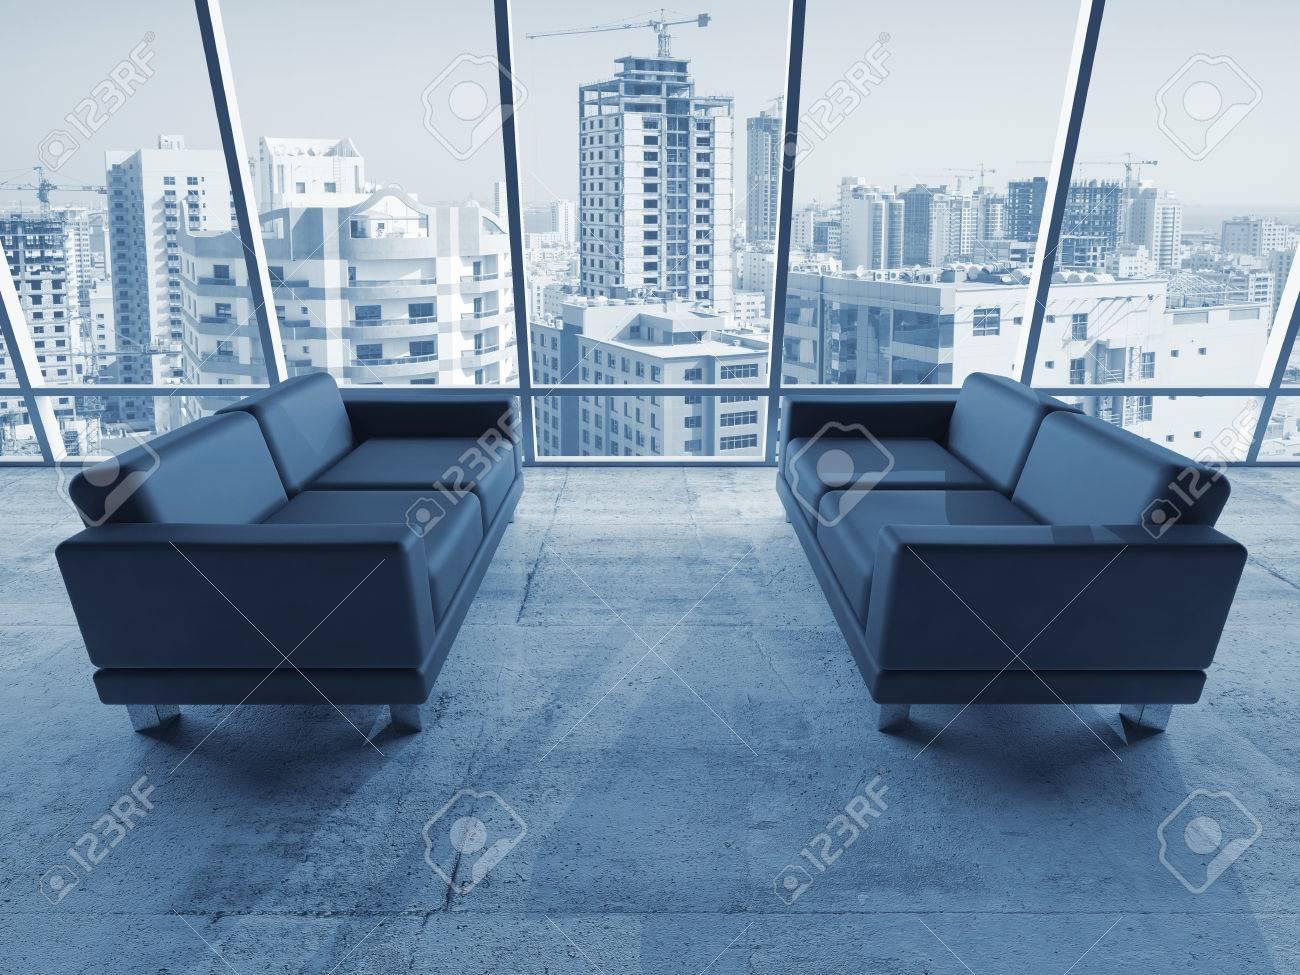 Divani In Pelle Blu.Immagini Stock Interno Astratto Stanza Ufficio Con Pavimento In